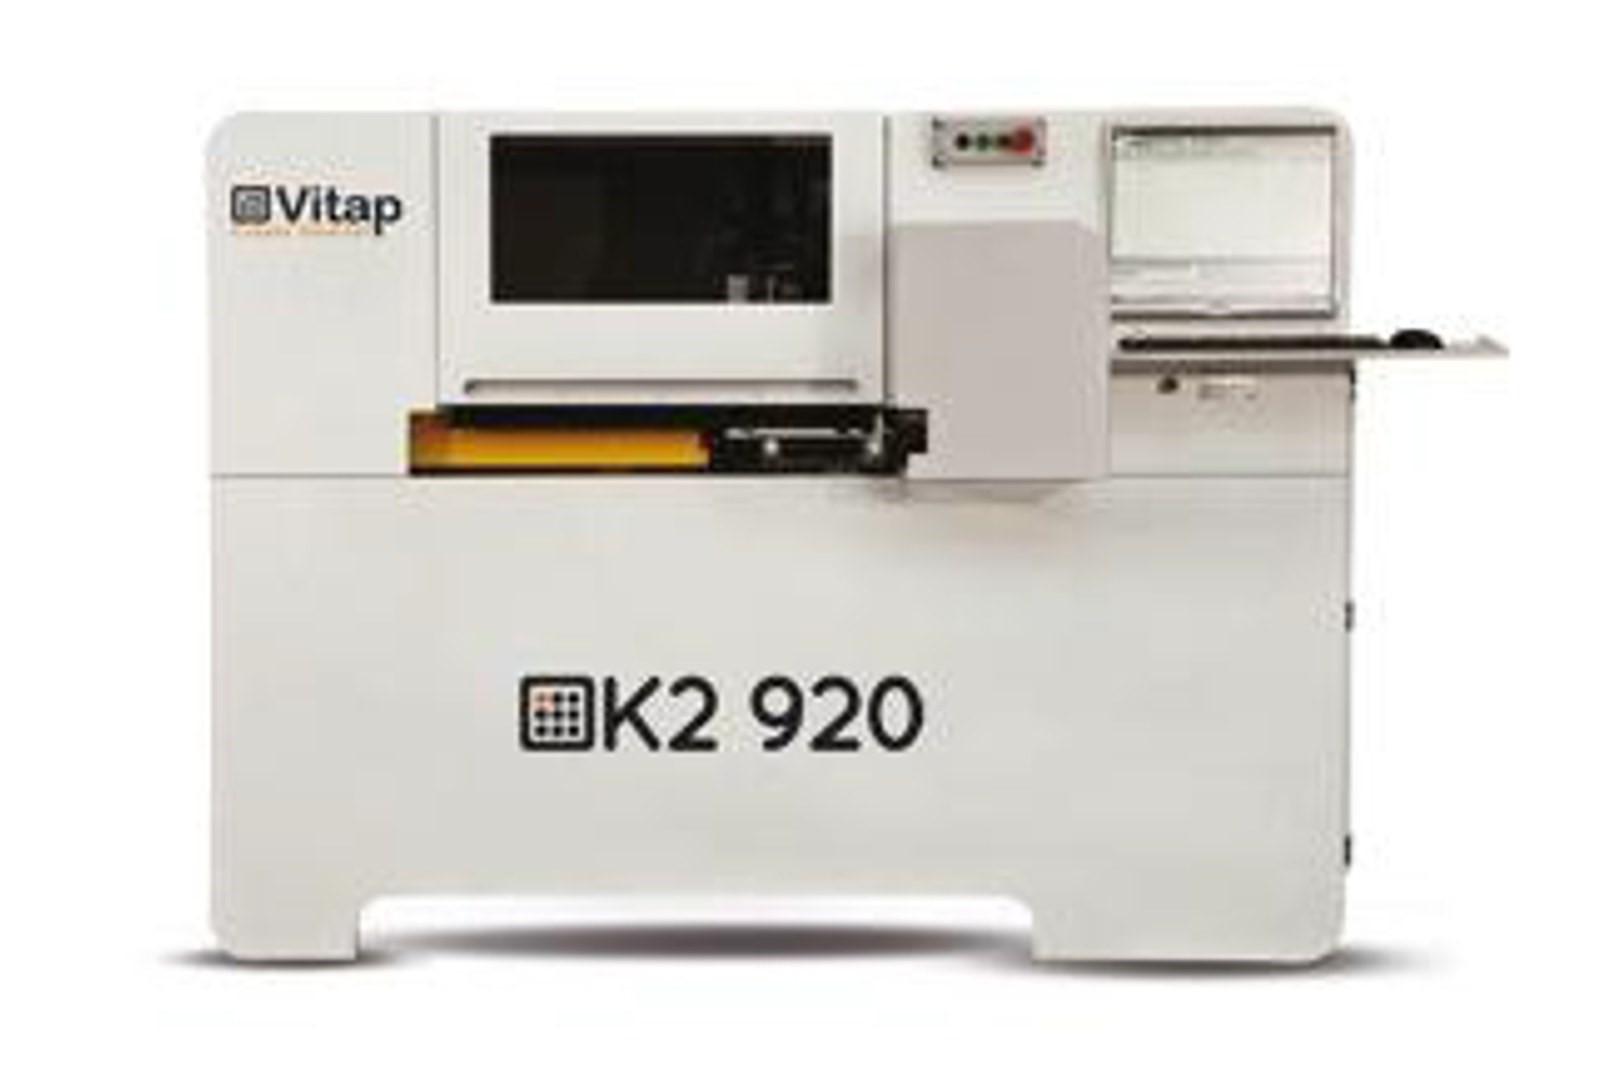 Vitap CNC tiplarica